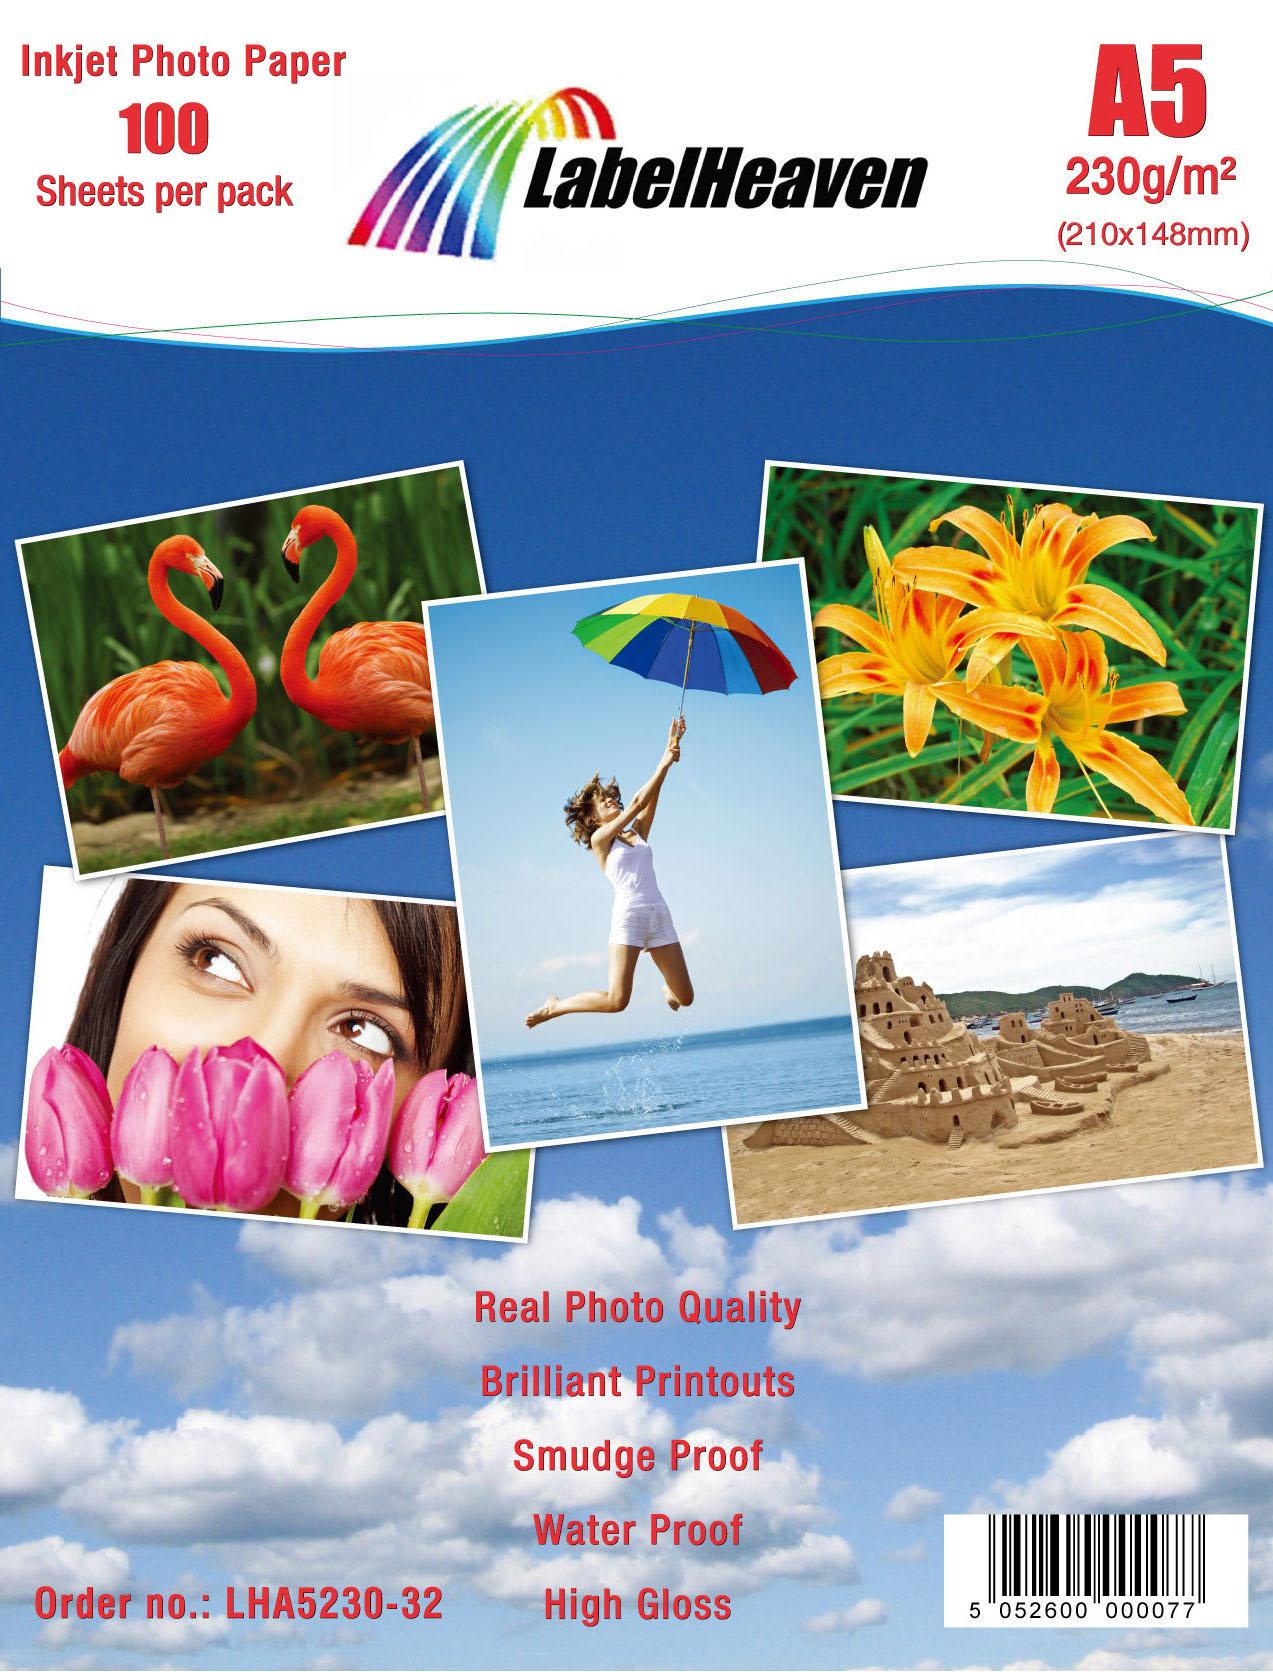 100 Blatt DIN A5 230g/m² Fotopapier HGlossy+wasserfest von LabelHeaven